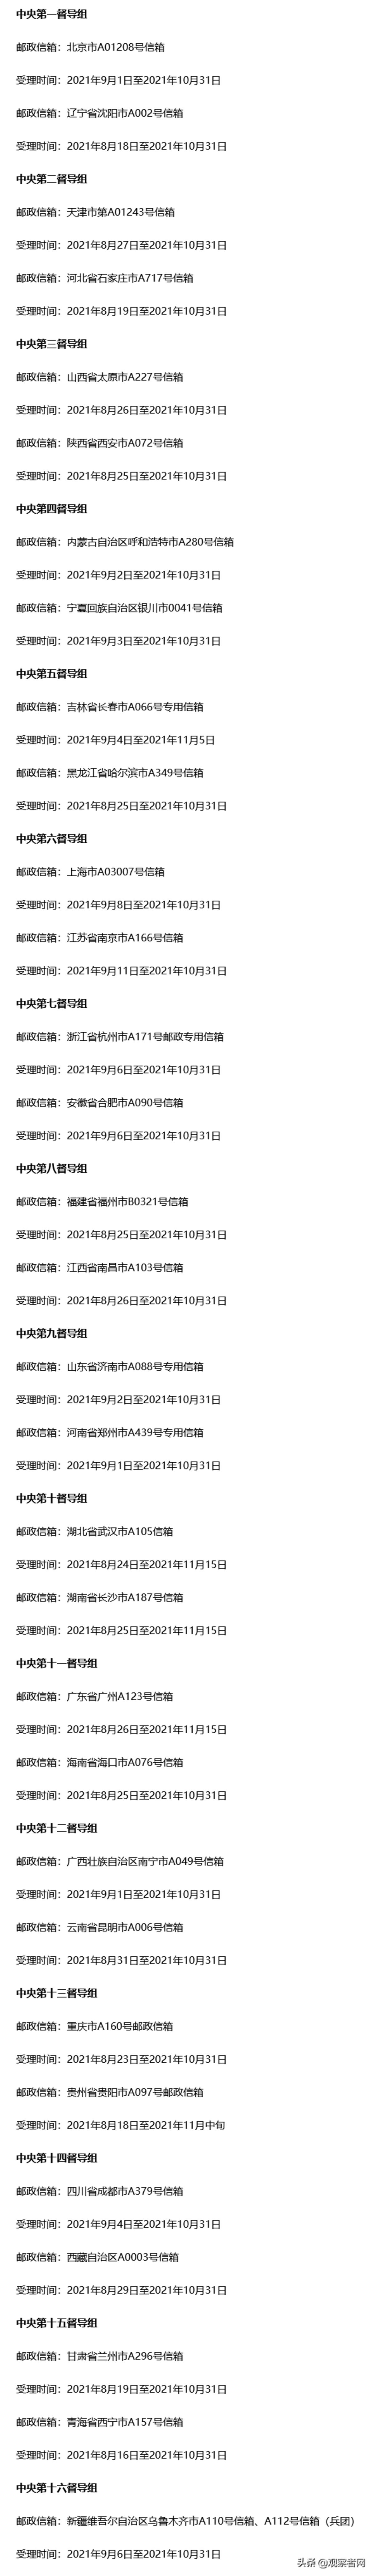 中央督导组31个举报信箱集中公布卡友有线索积极举报